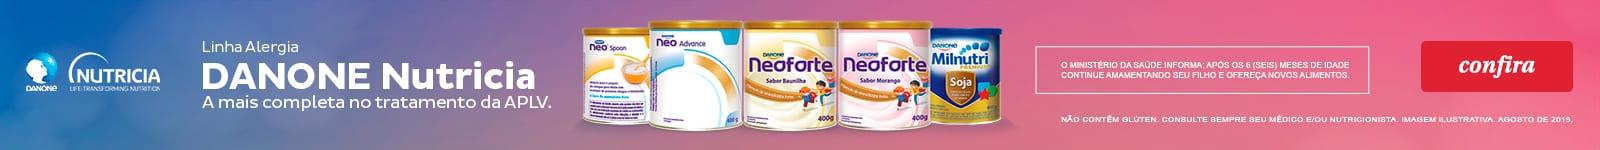 Banner Alergias infanrts Danone Nutricia